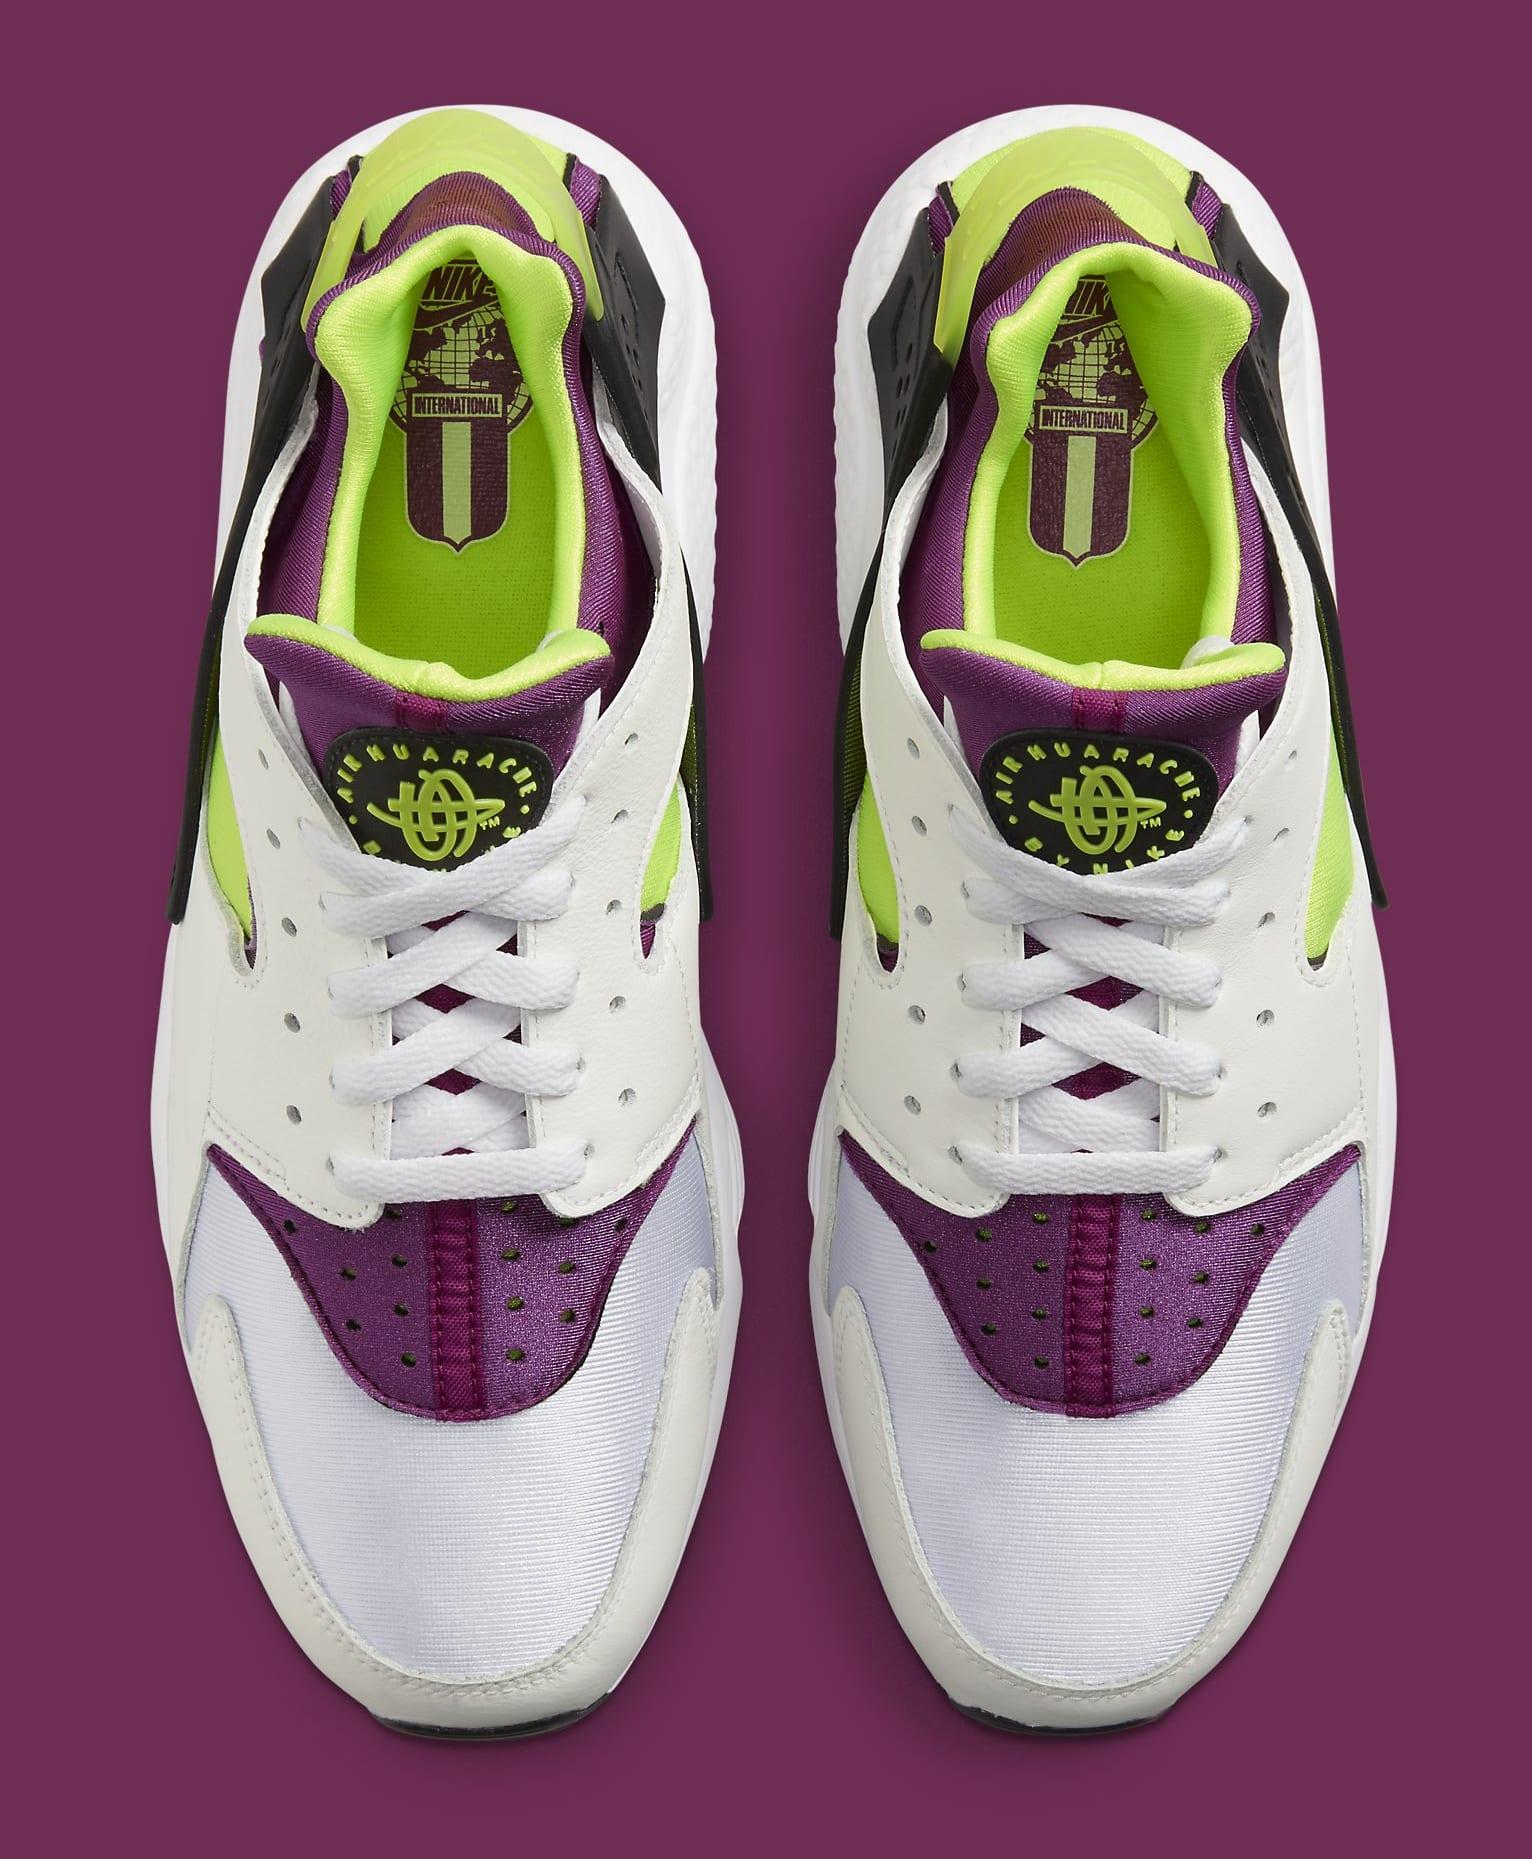 Nike Air Huarache Neon Yellow/Magenta DD1068-104 Top